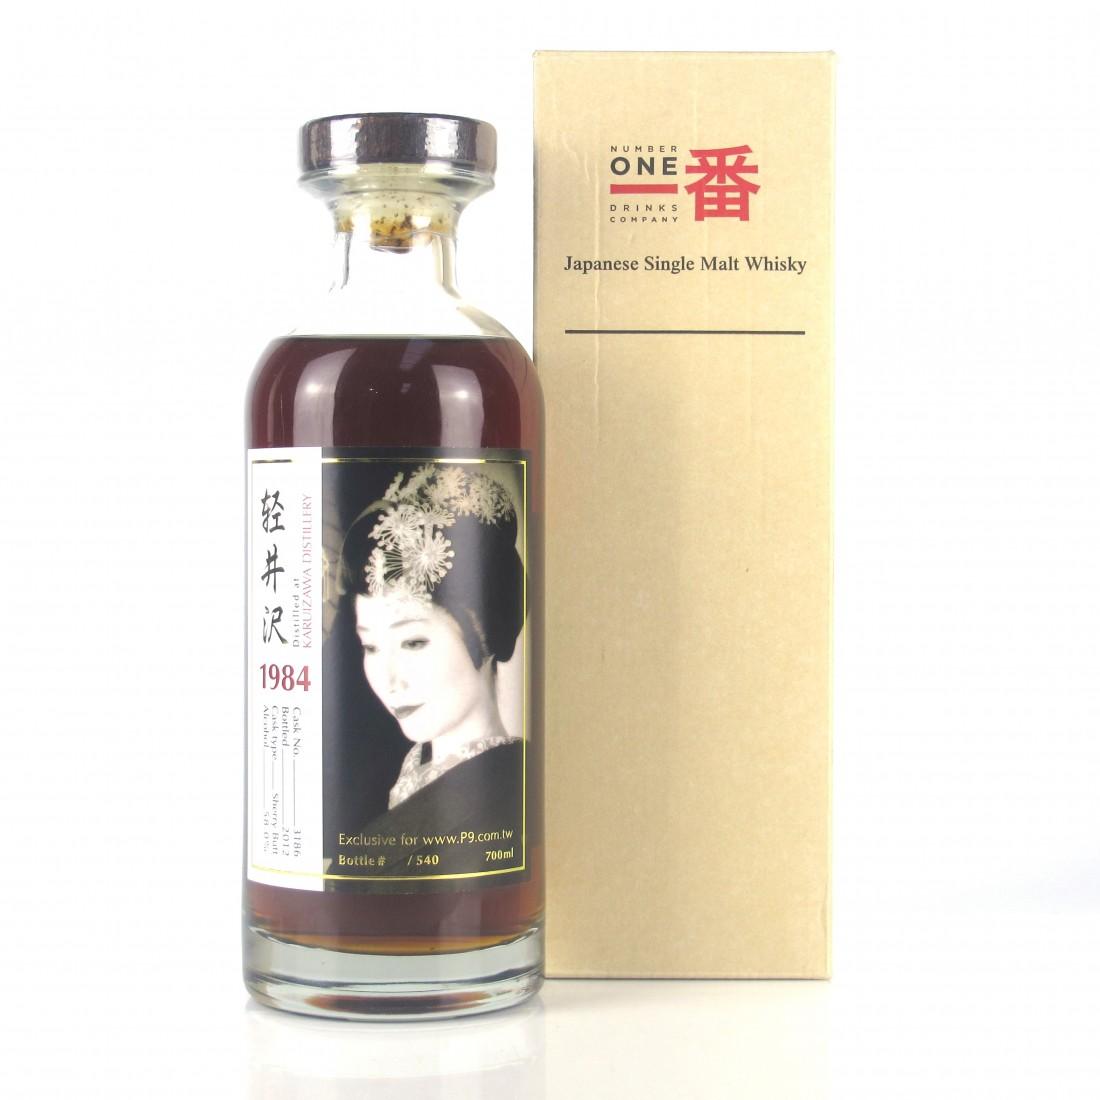 Karuizawa 1984 Single Cask #3186 /Geisha Label for P9.COM